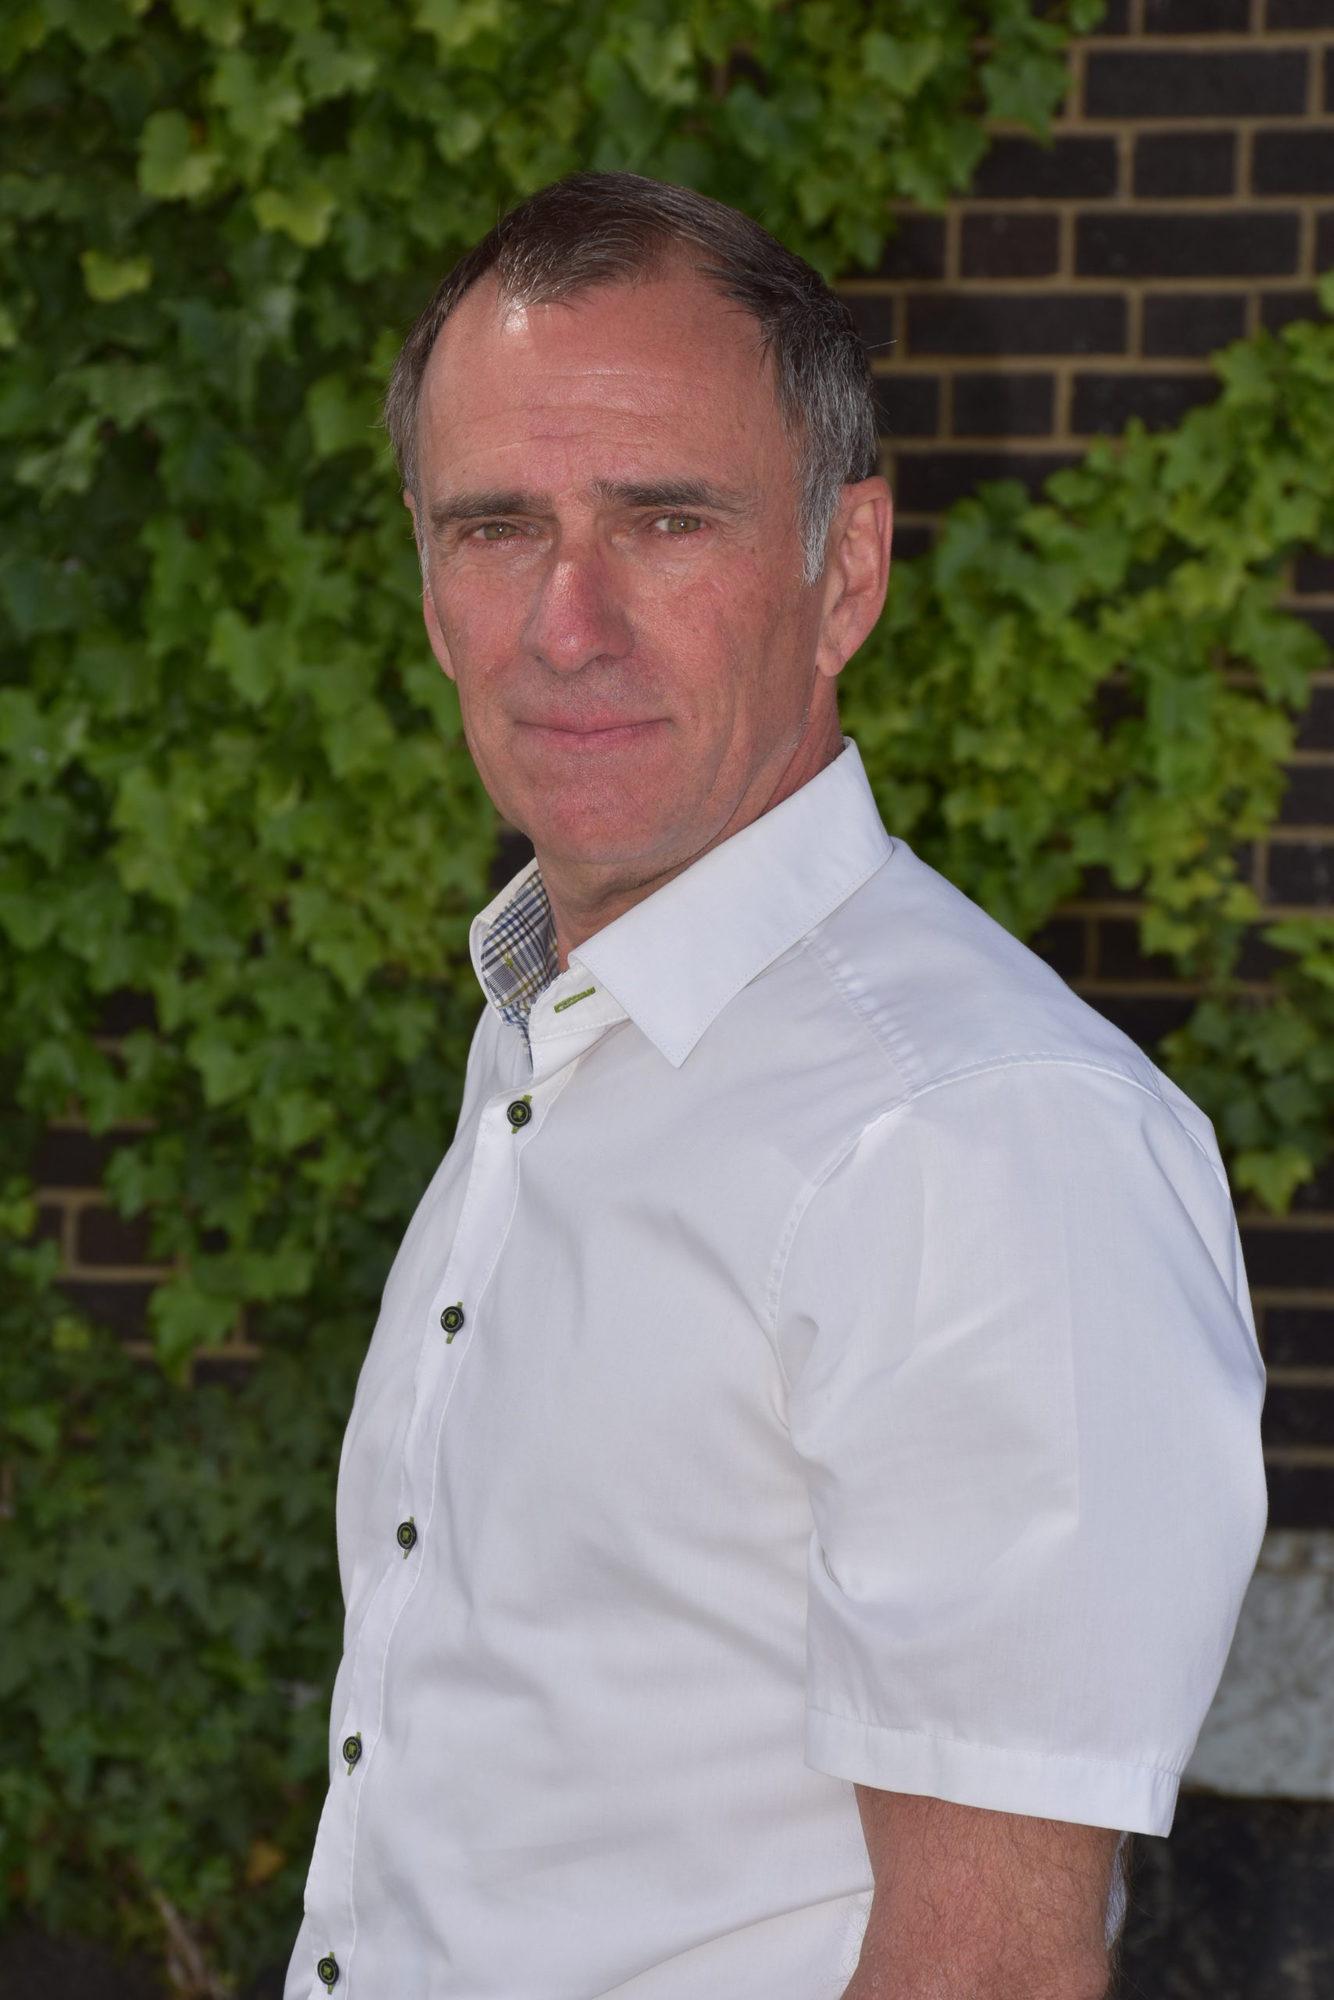 Ian Lomax